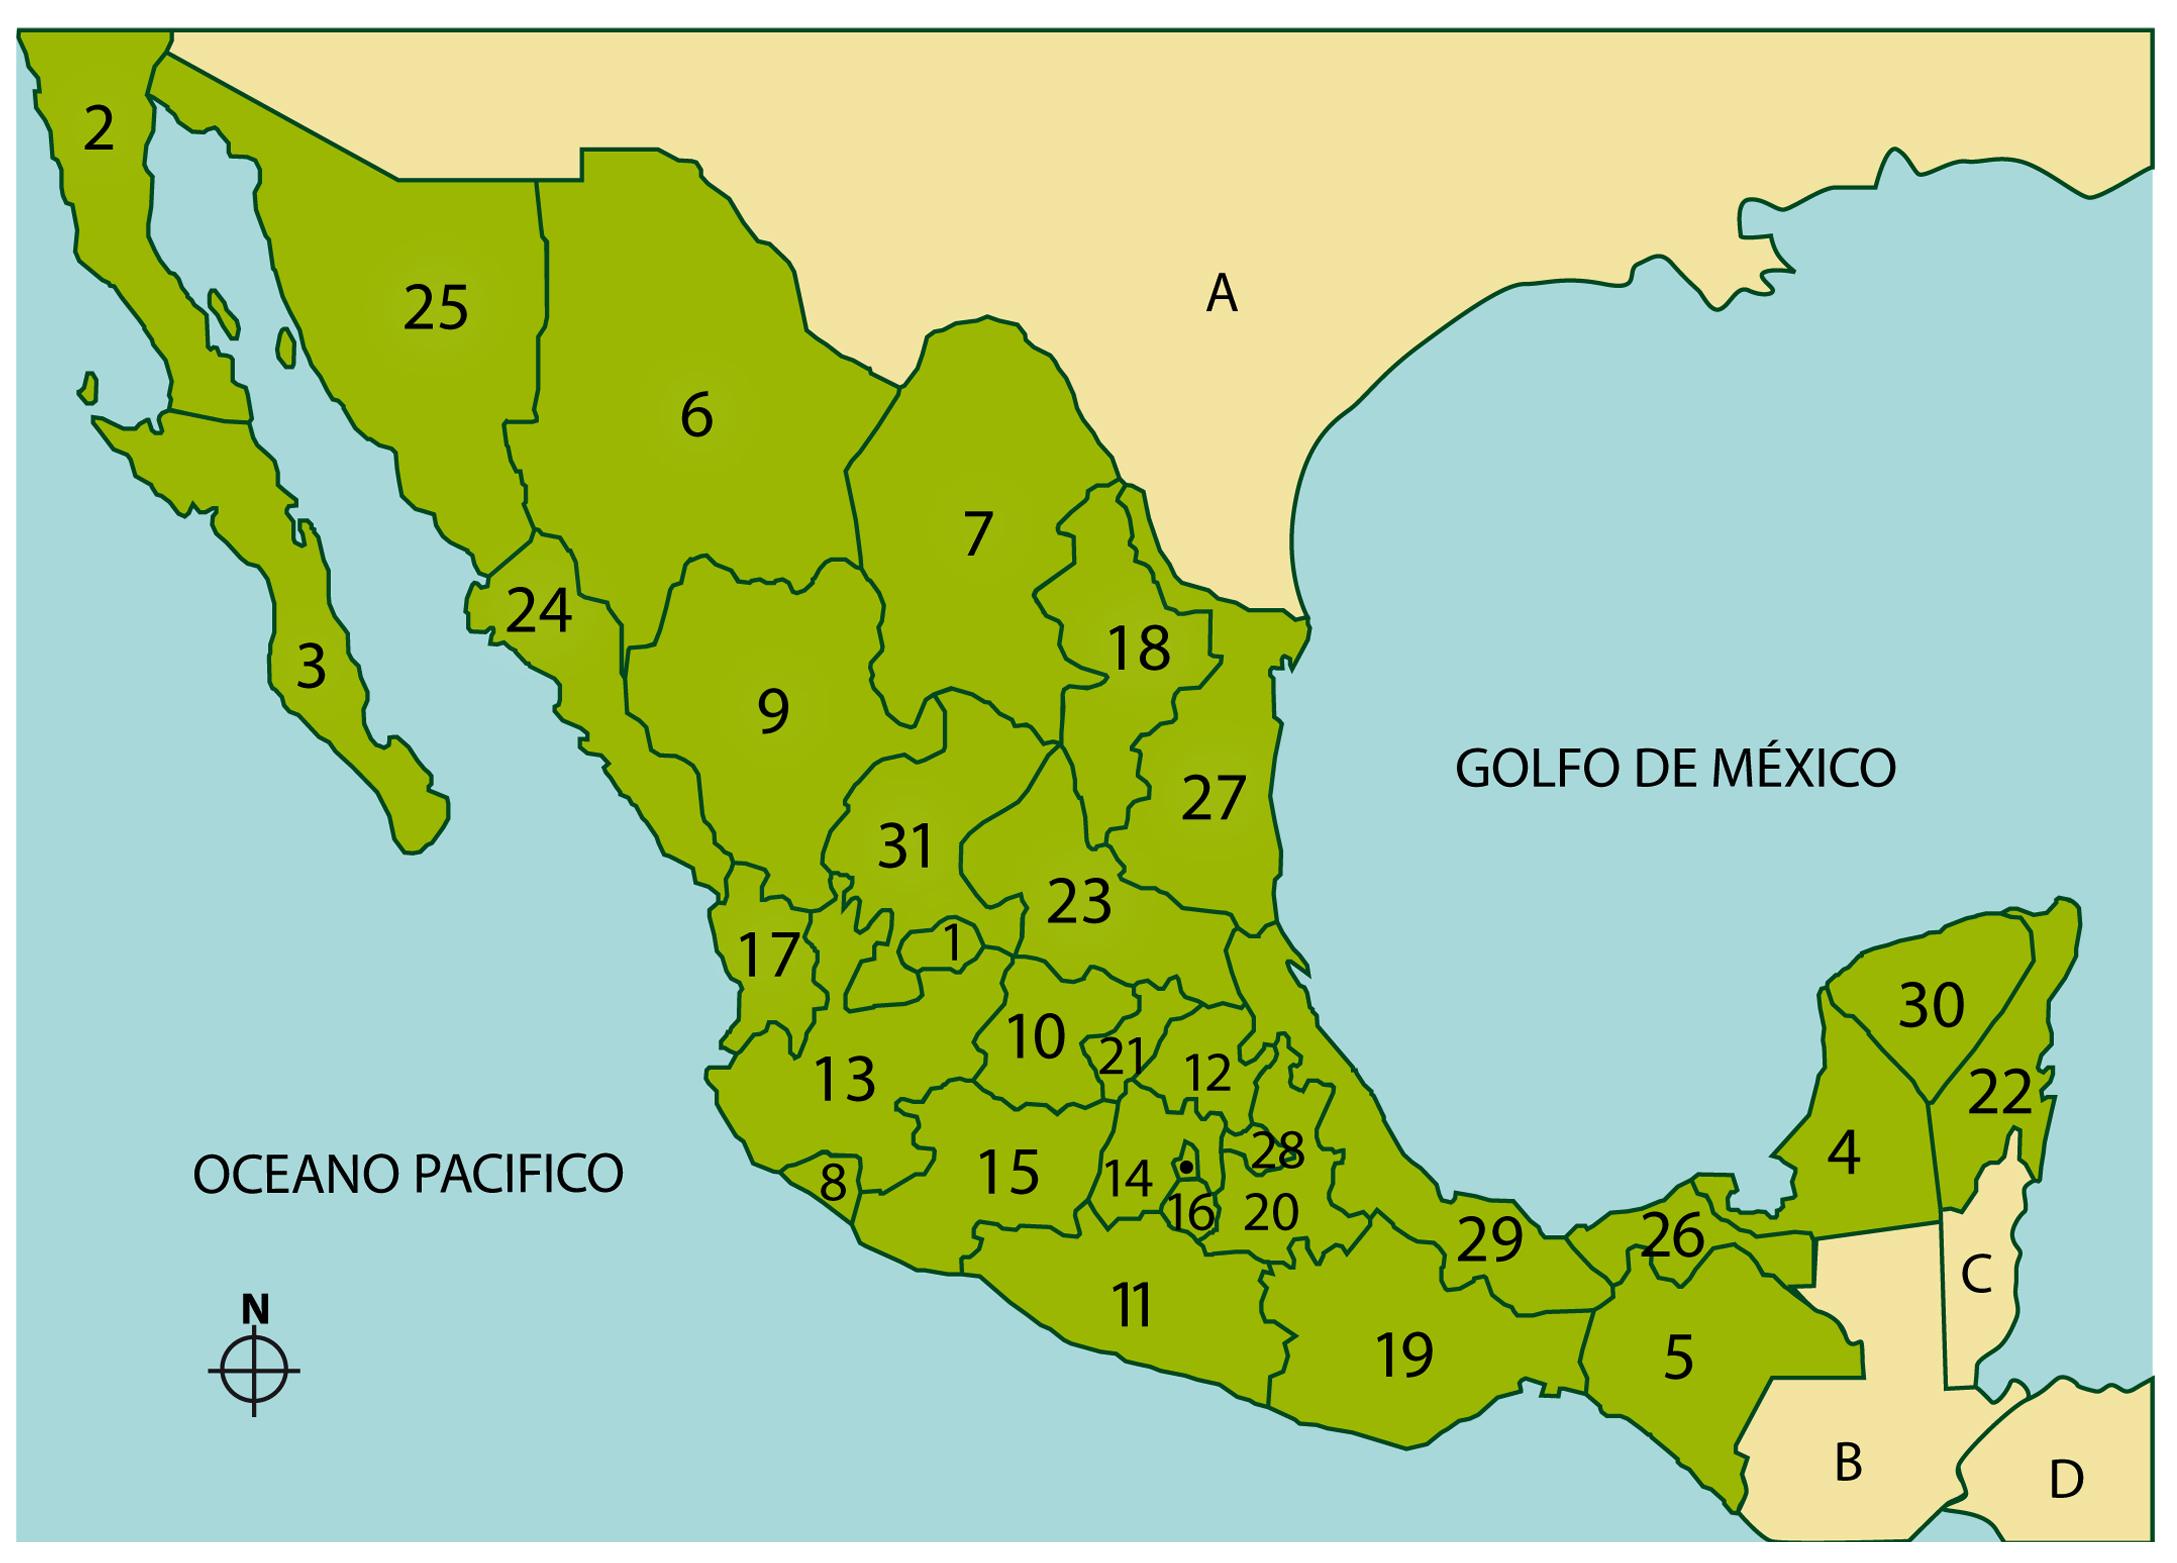 Regiones de México - www.redestravel.com/mexico